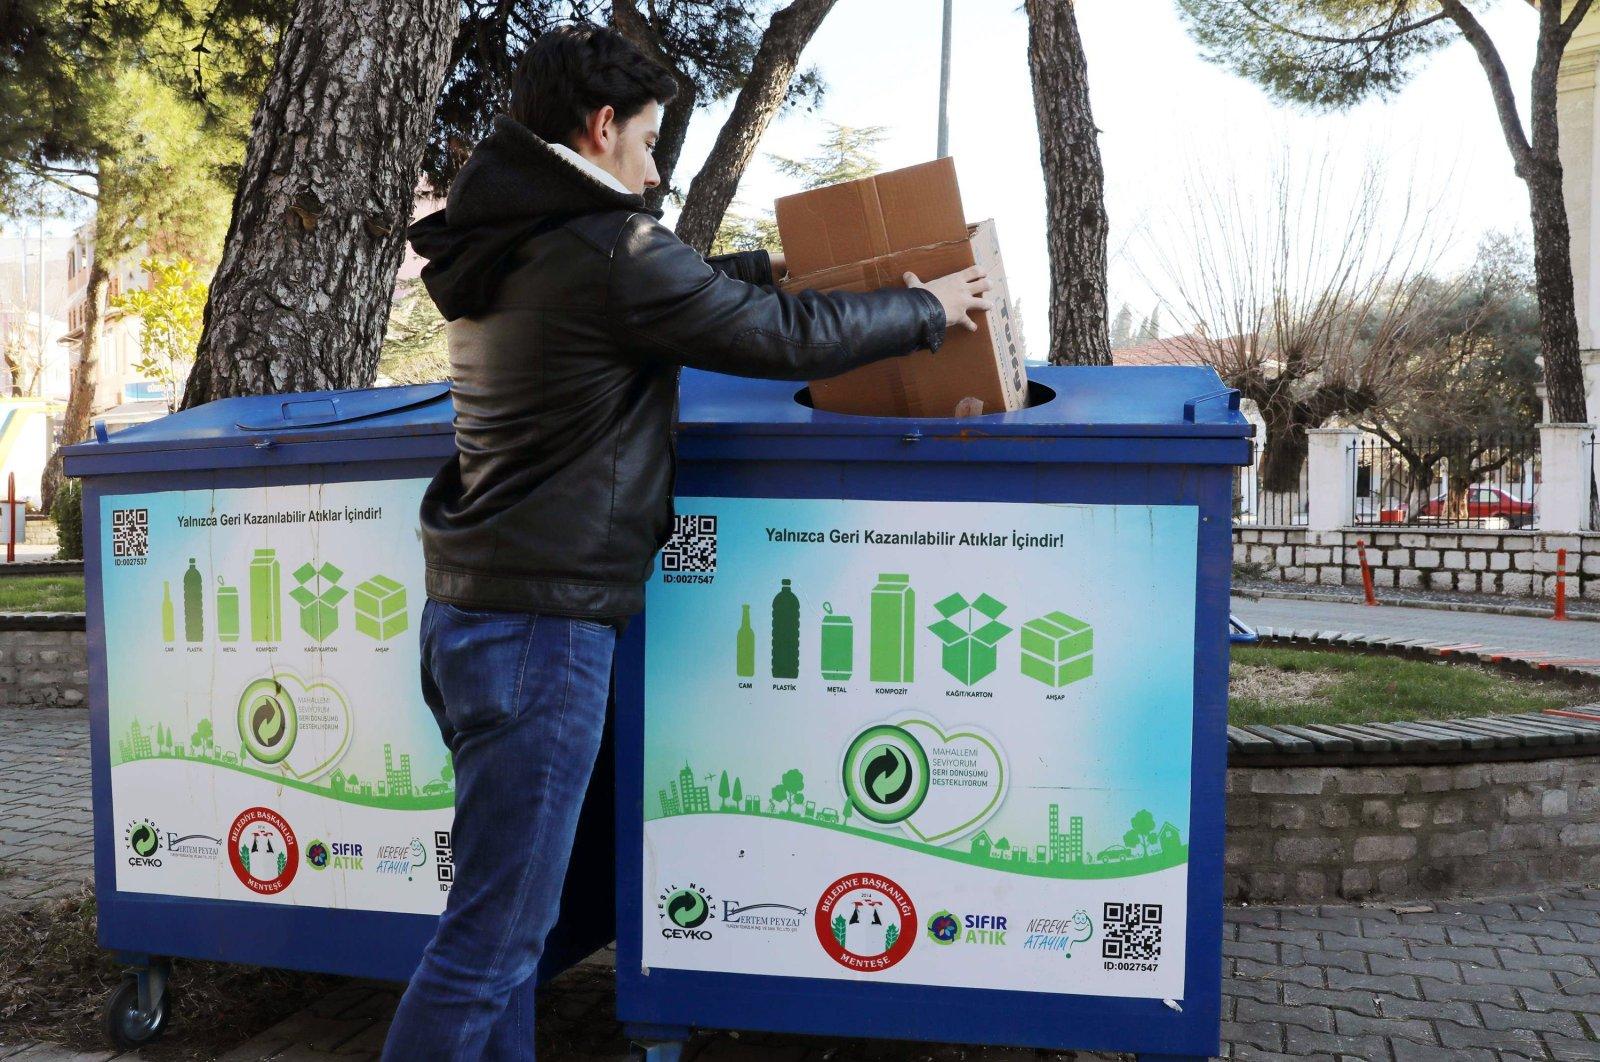 A man dumps a cartoon box in a zero-waste dumpster in Menteşe district, in Muğla, southwestern Turkey, Oct. 10, 2020. (İHA Photo)